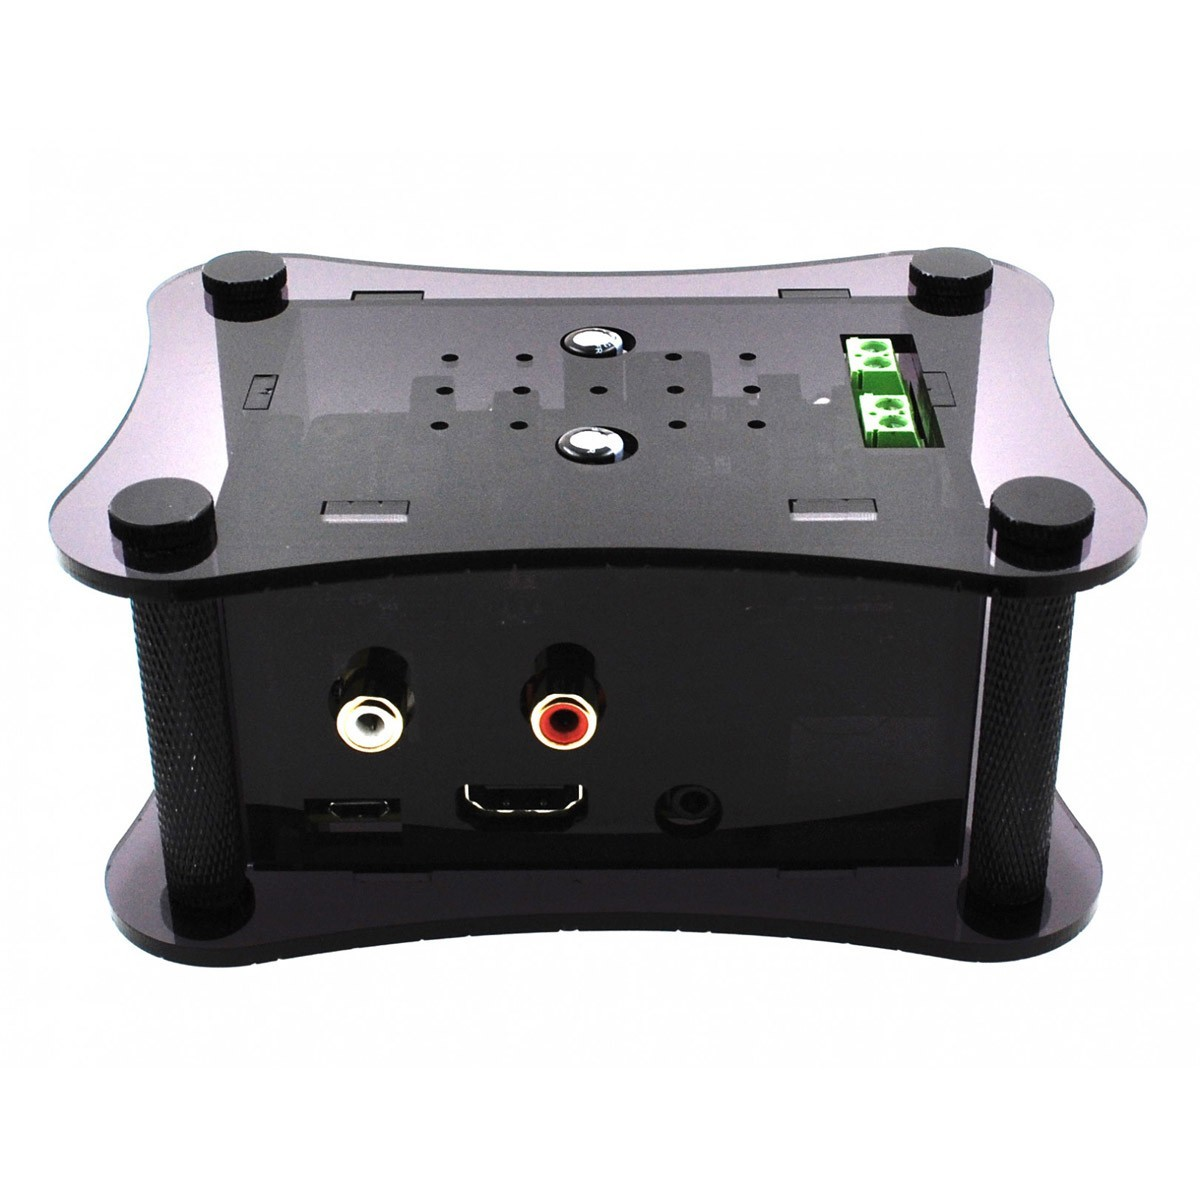 ALLO Boîtier Acrylique pour Allo DAC Boss + Allo Volt + Raspberry Pi 3 Noir